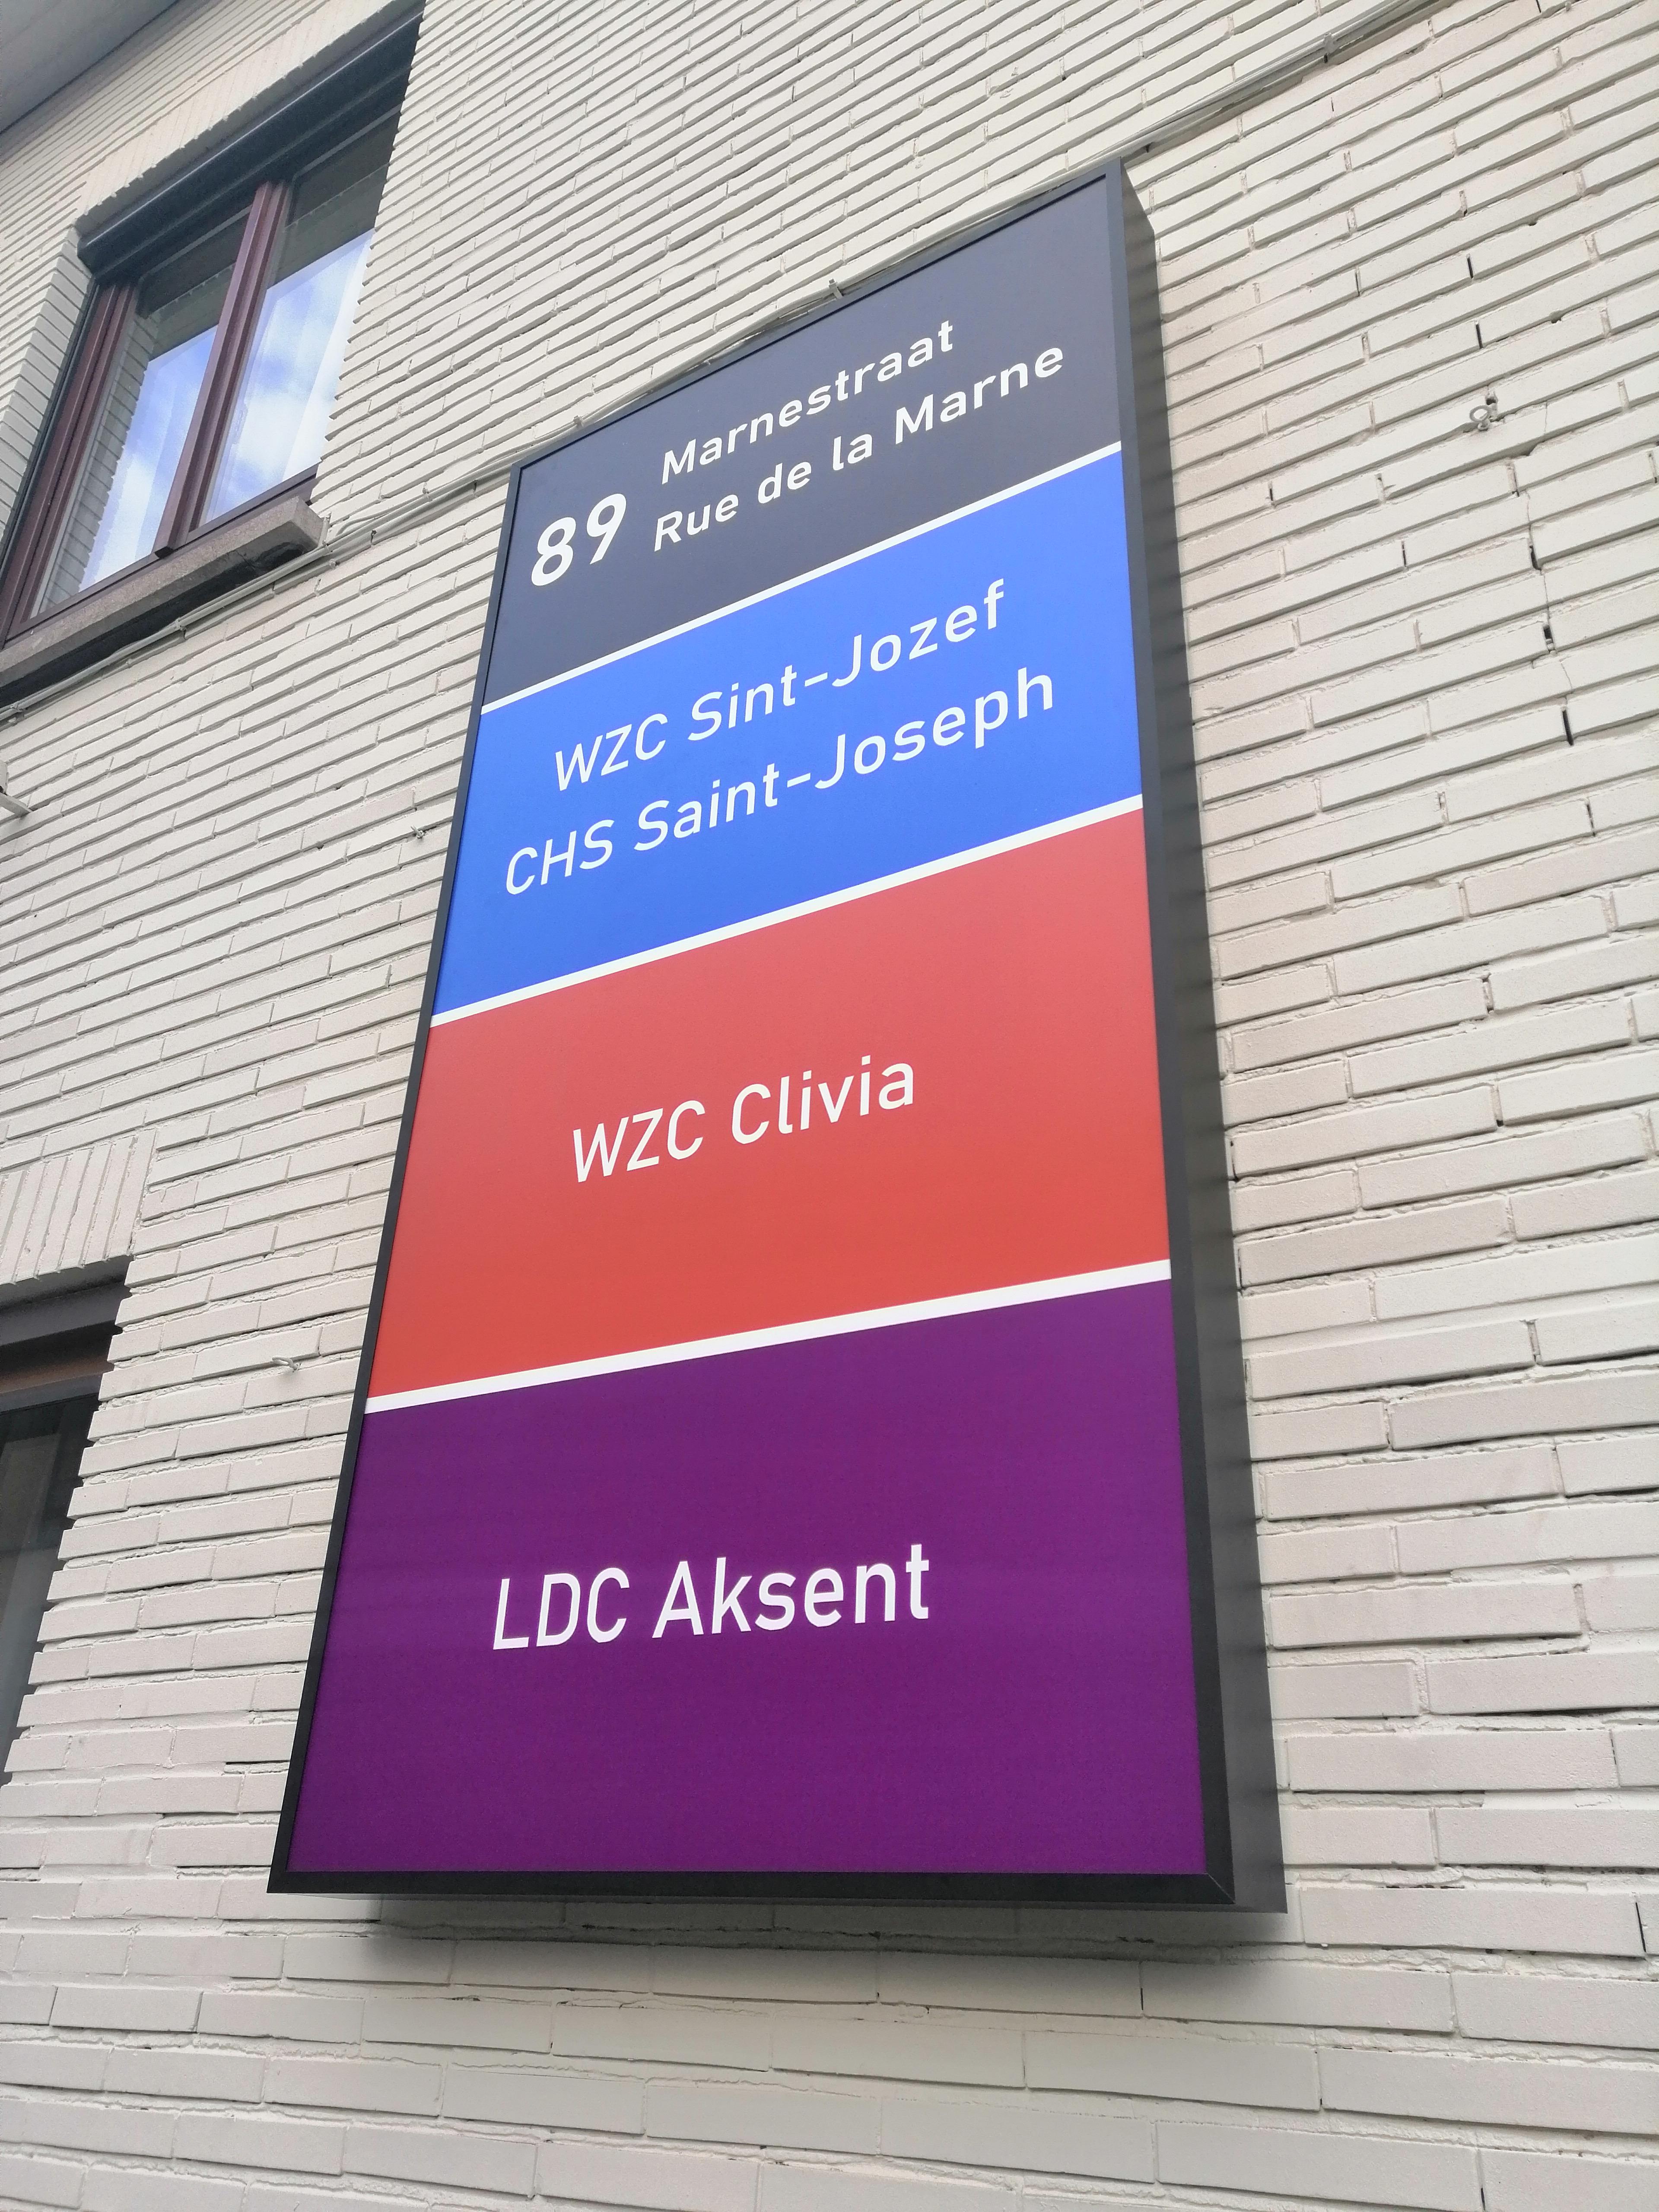 WZC Sint-Jozef